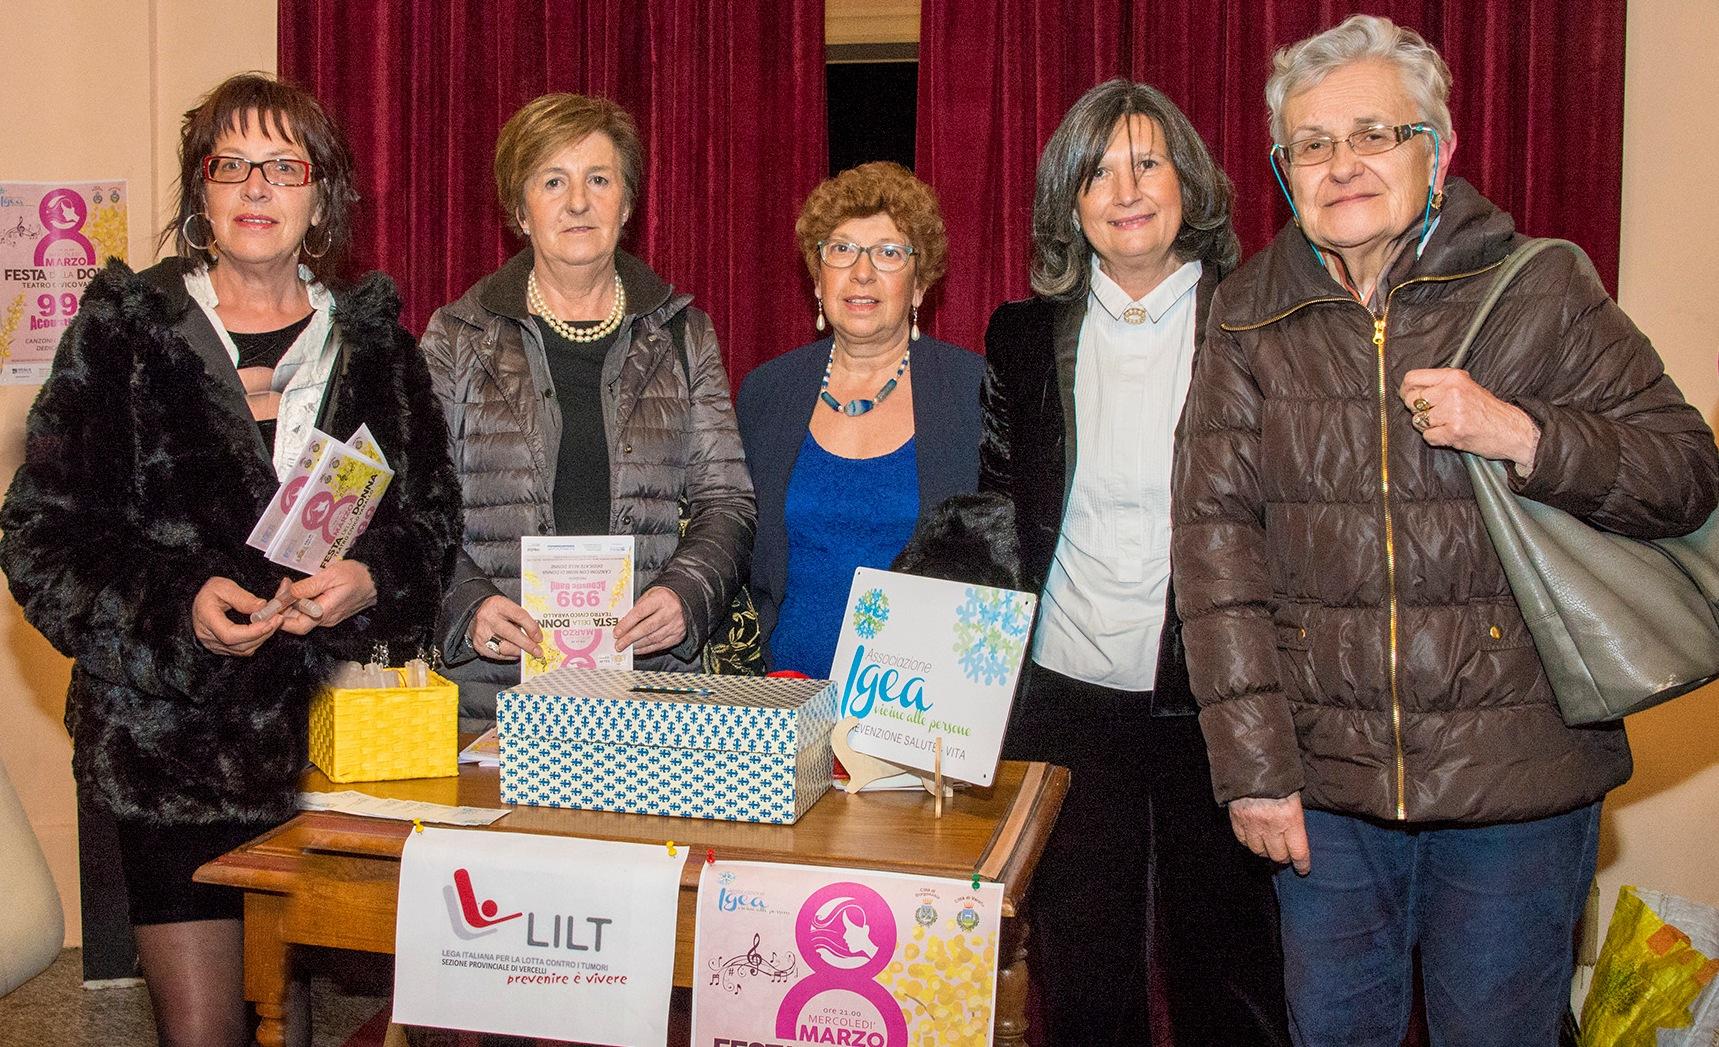 Visite gratuite a Borgosesia: Sinergia tra ASL Vercelli, Associazione Igea e Lilt, sezione di Vercelli